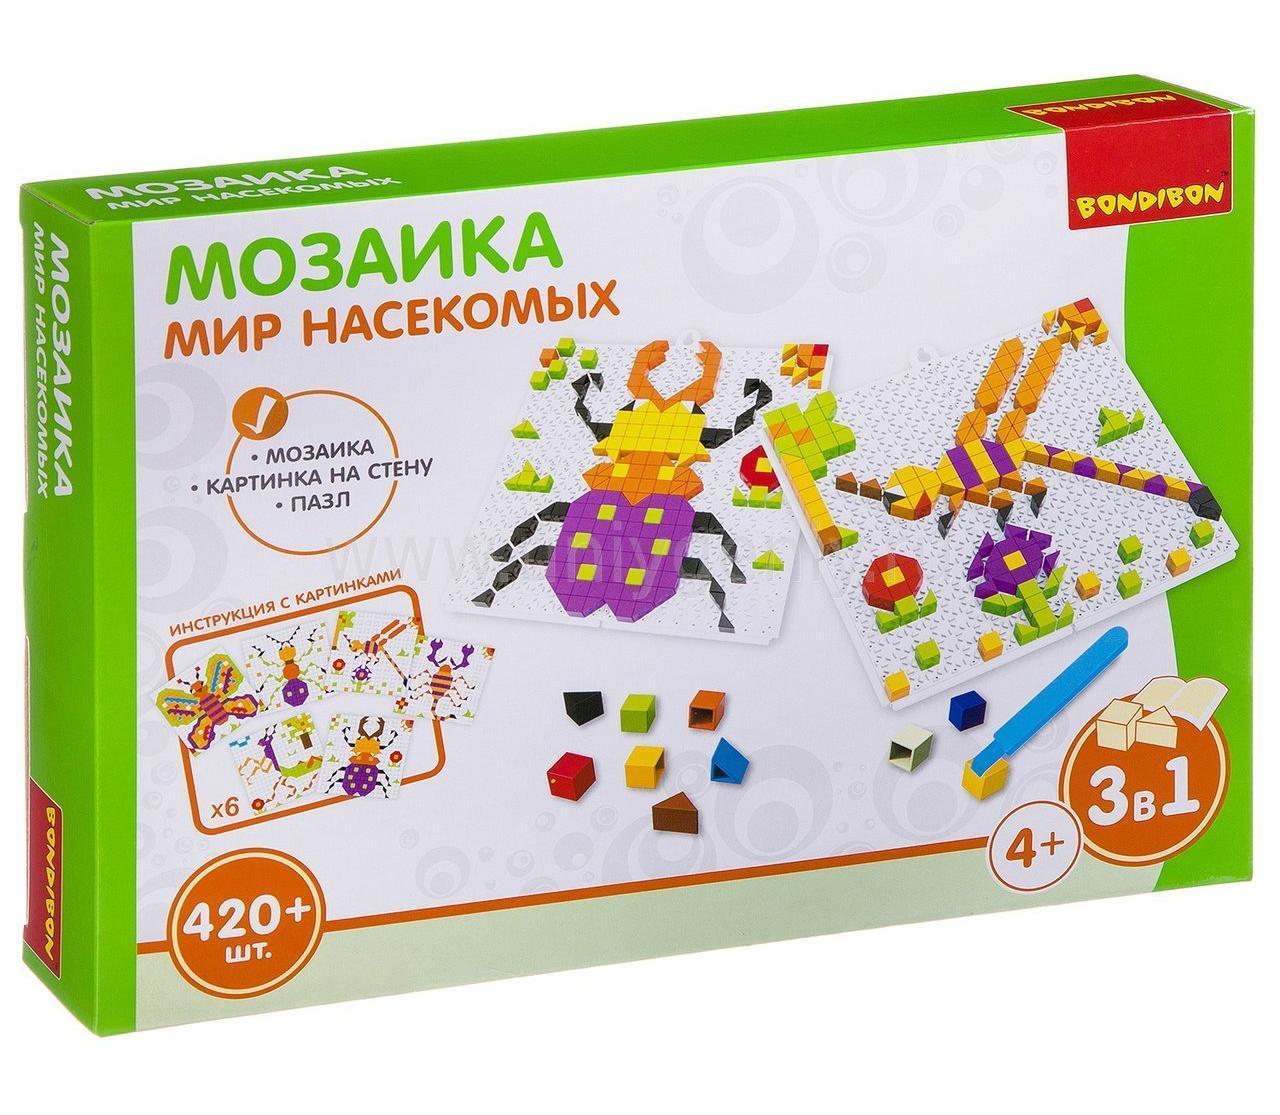 Купить Мозаика Bondibon Мир насекомых 420 деталей, Мозаики